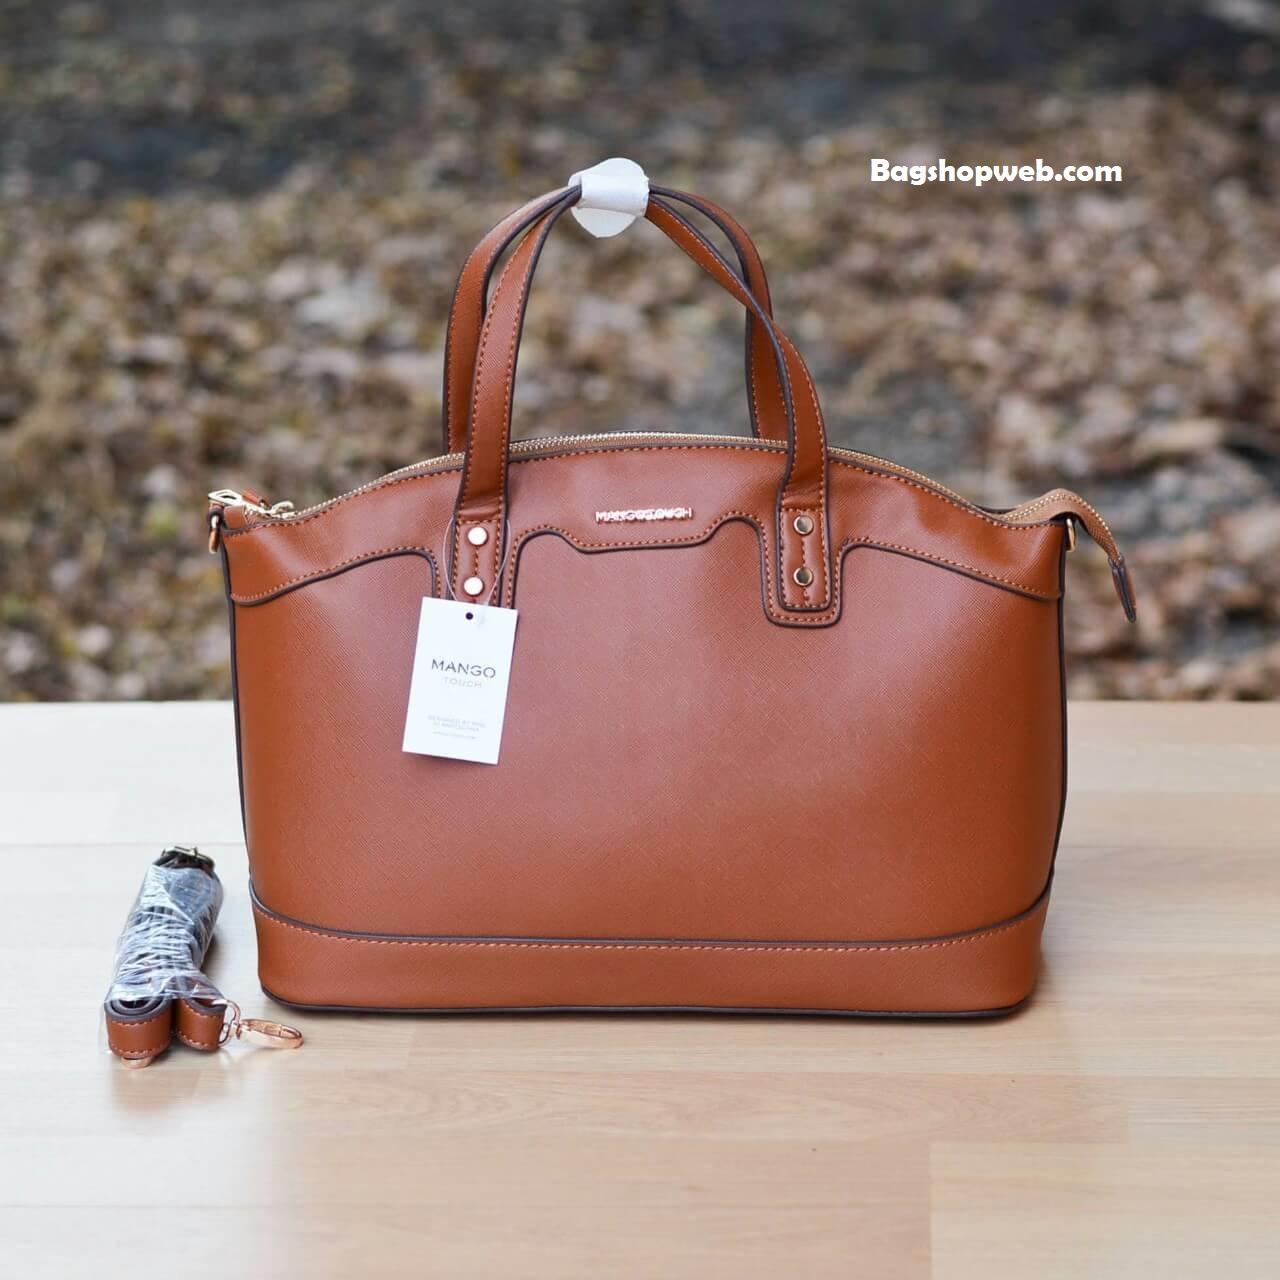 กระเป๋า MANGO SAFFIANO-EFFECT TOTE BAG สีน้ำตาล ราคา 1,090 บาท Free Ems